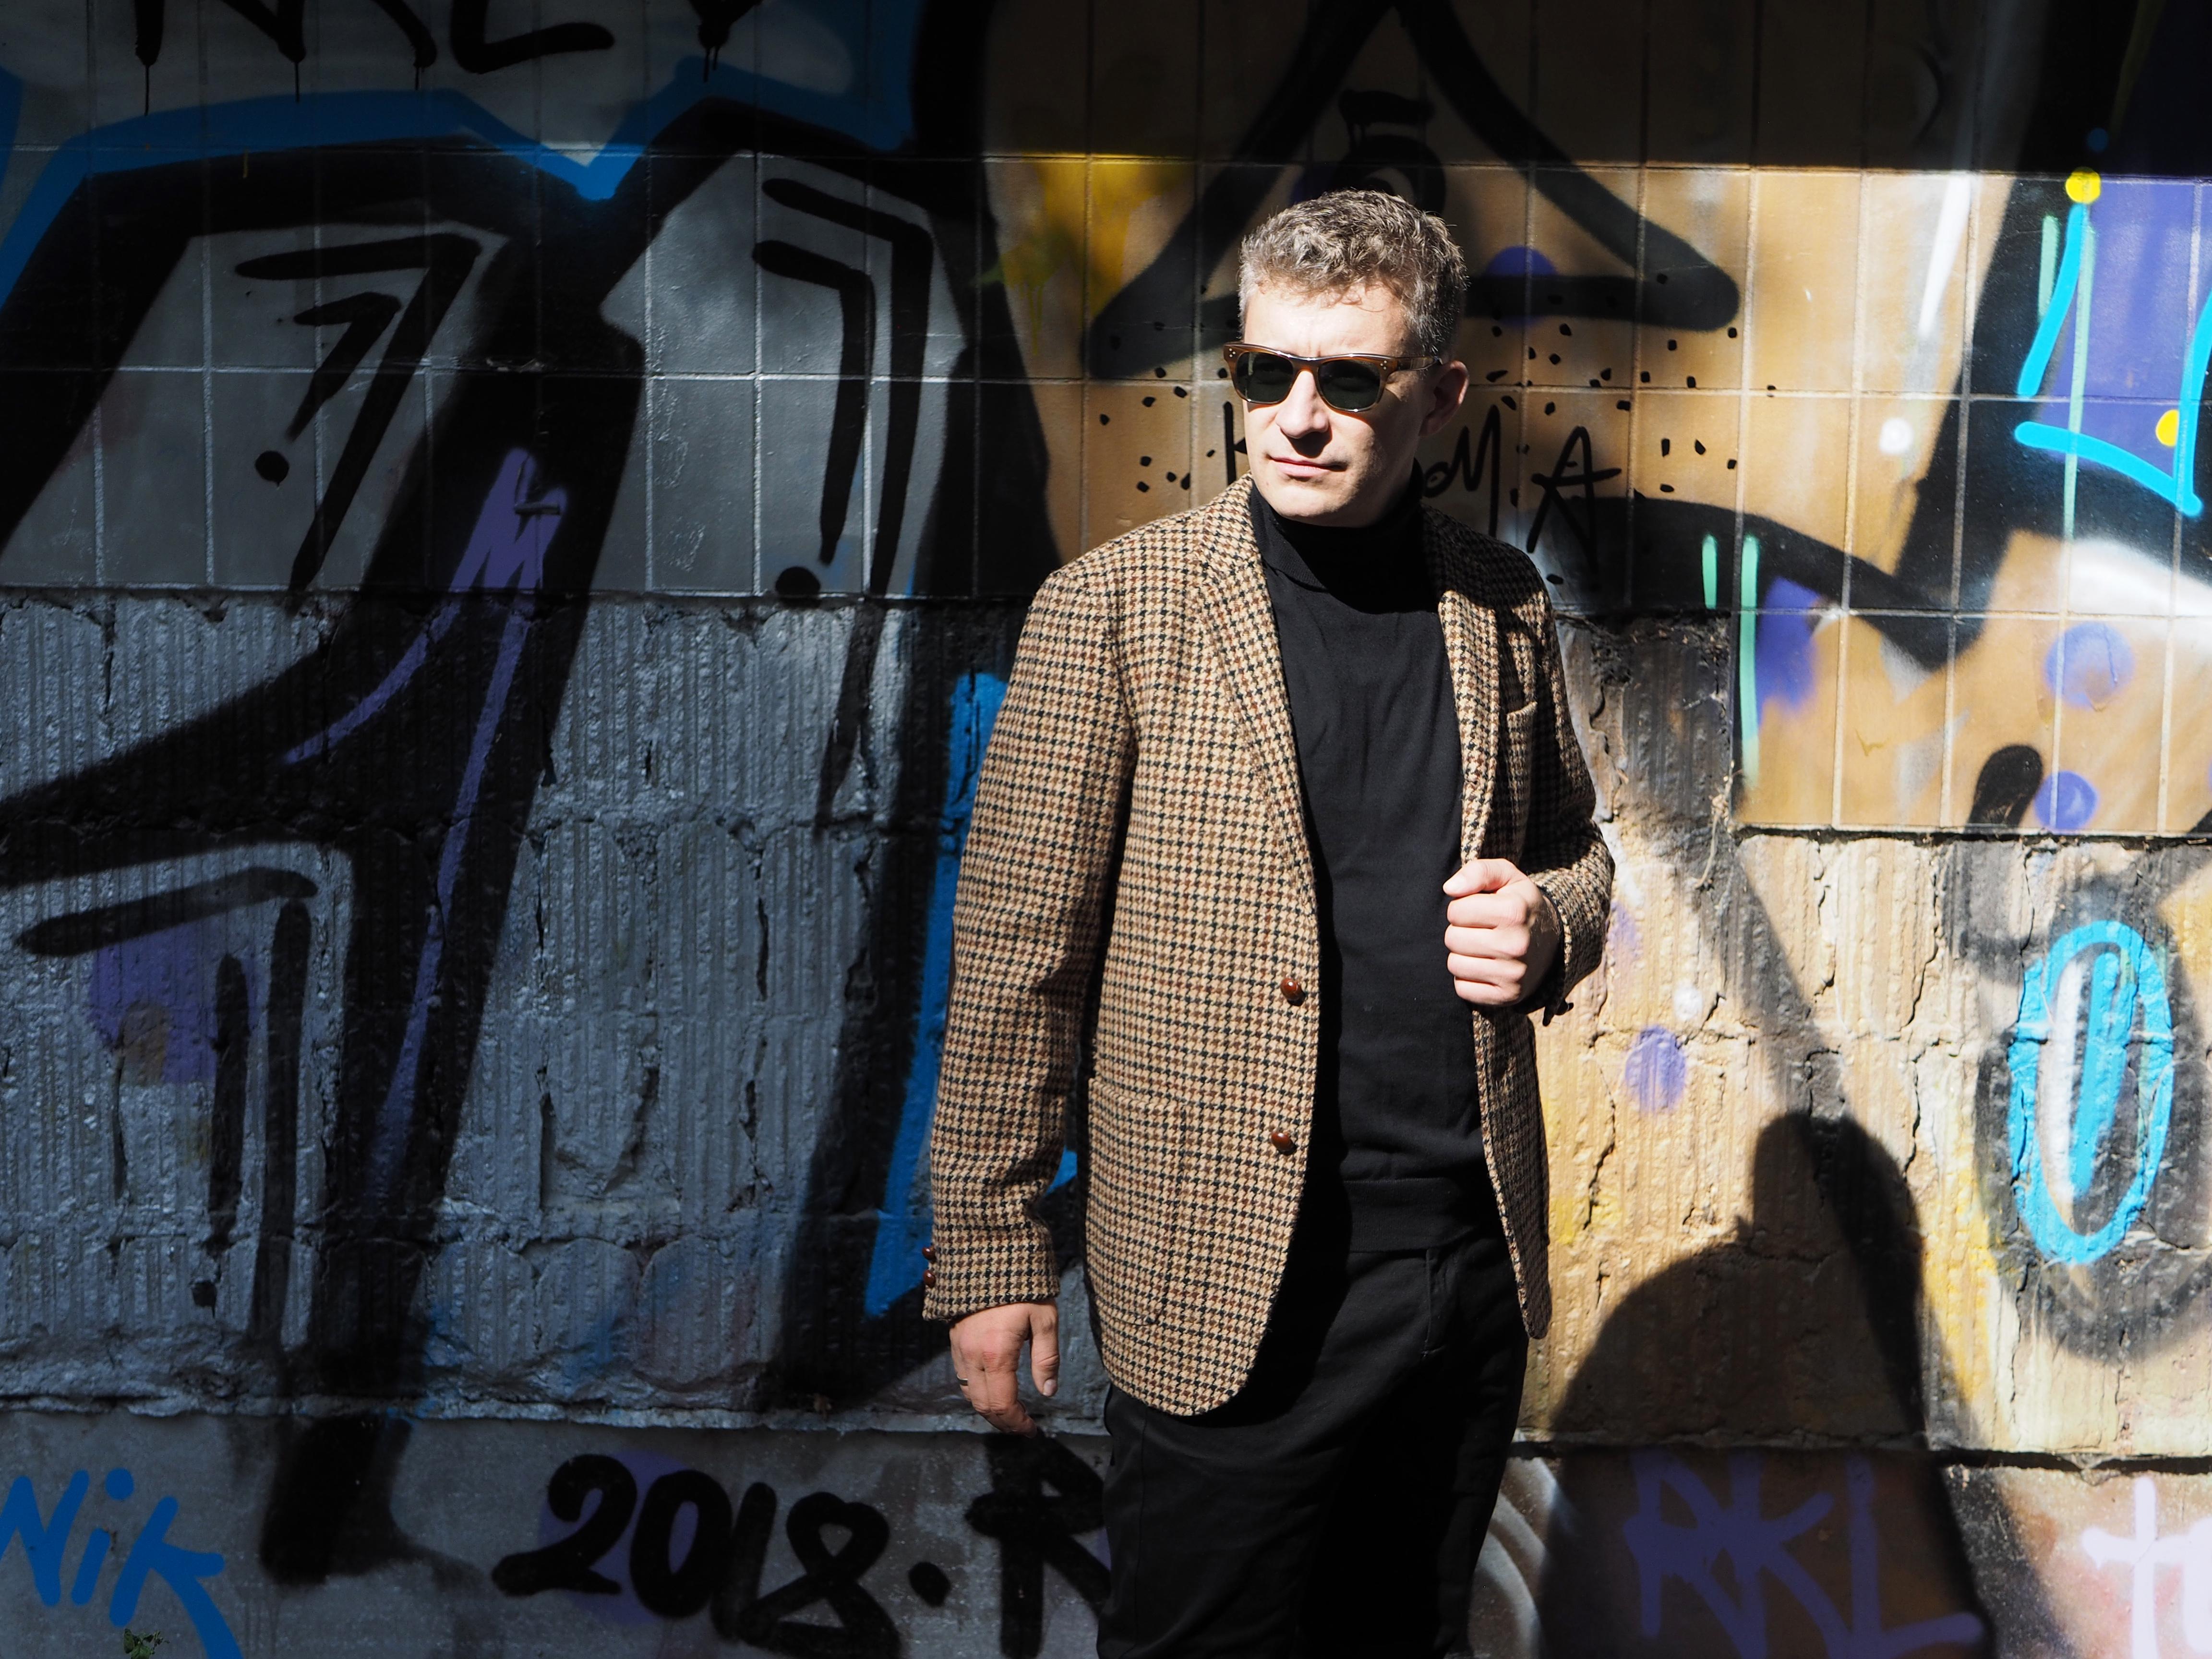 Sakkos: Wer ein Tweedsakko trägt, sucht nicht mehr, sondern ist angekommen: Dieses von Beams Plus (515 Euro) ist aus Harris-Tweed gefertigt.